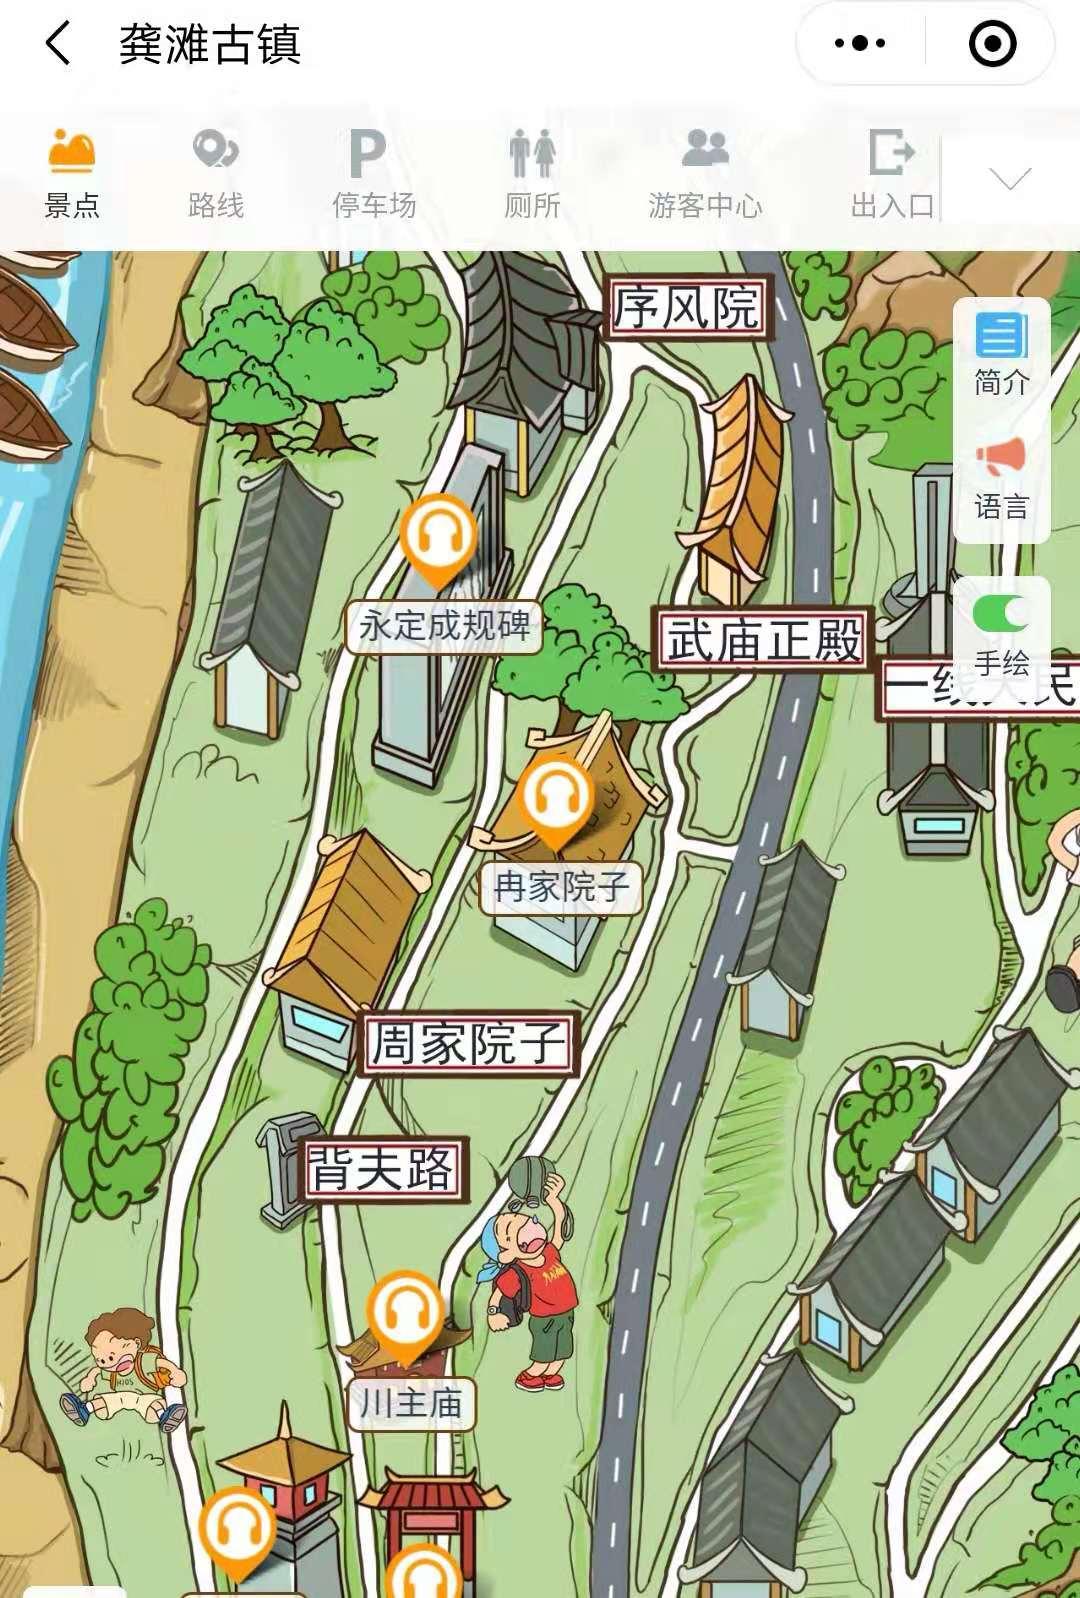 2021年龚滩古镇手绘地图,电子导览,语音讲解系统上线.jpg